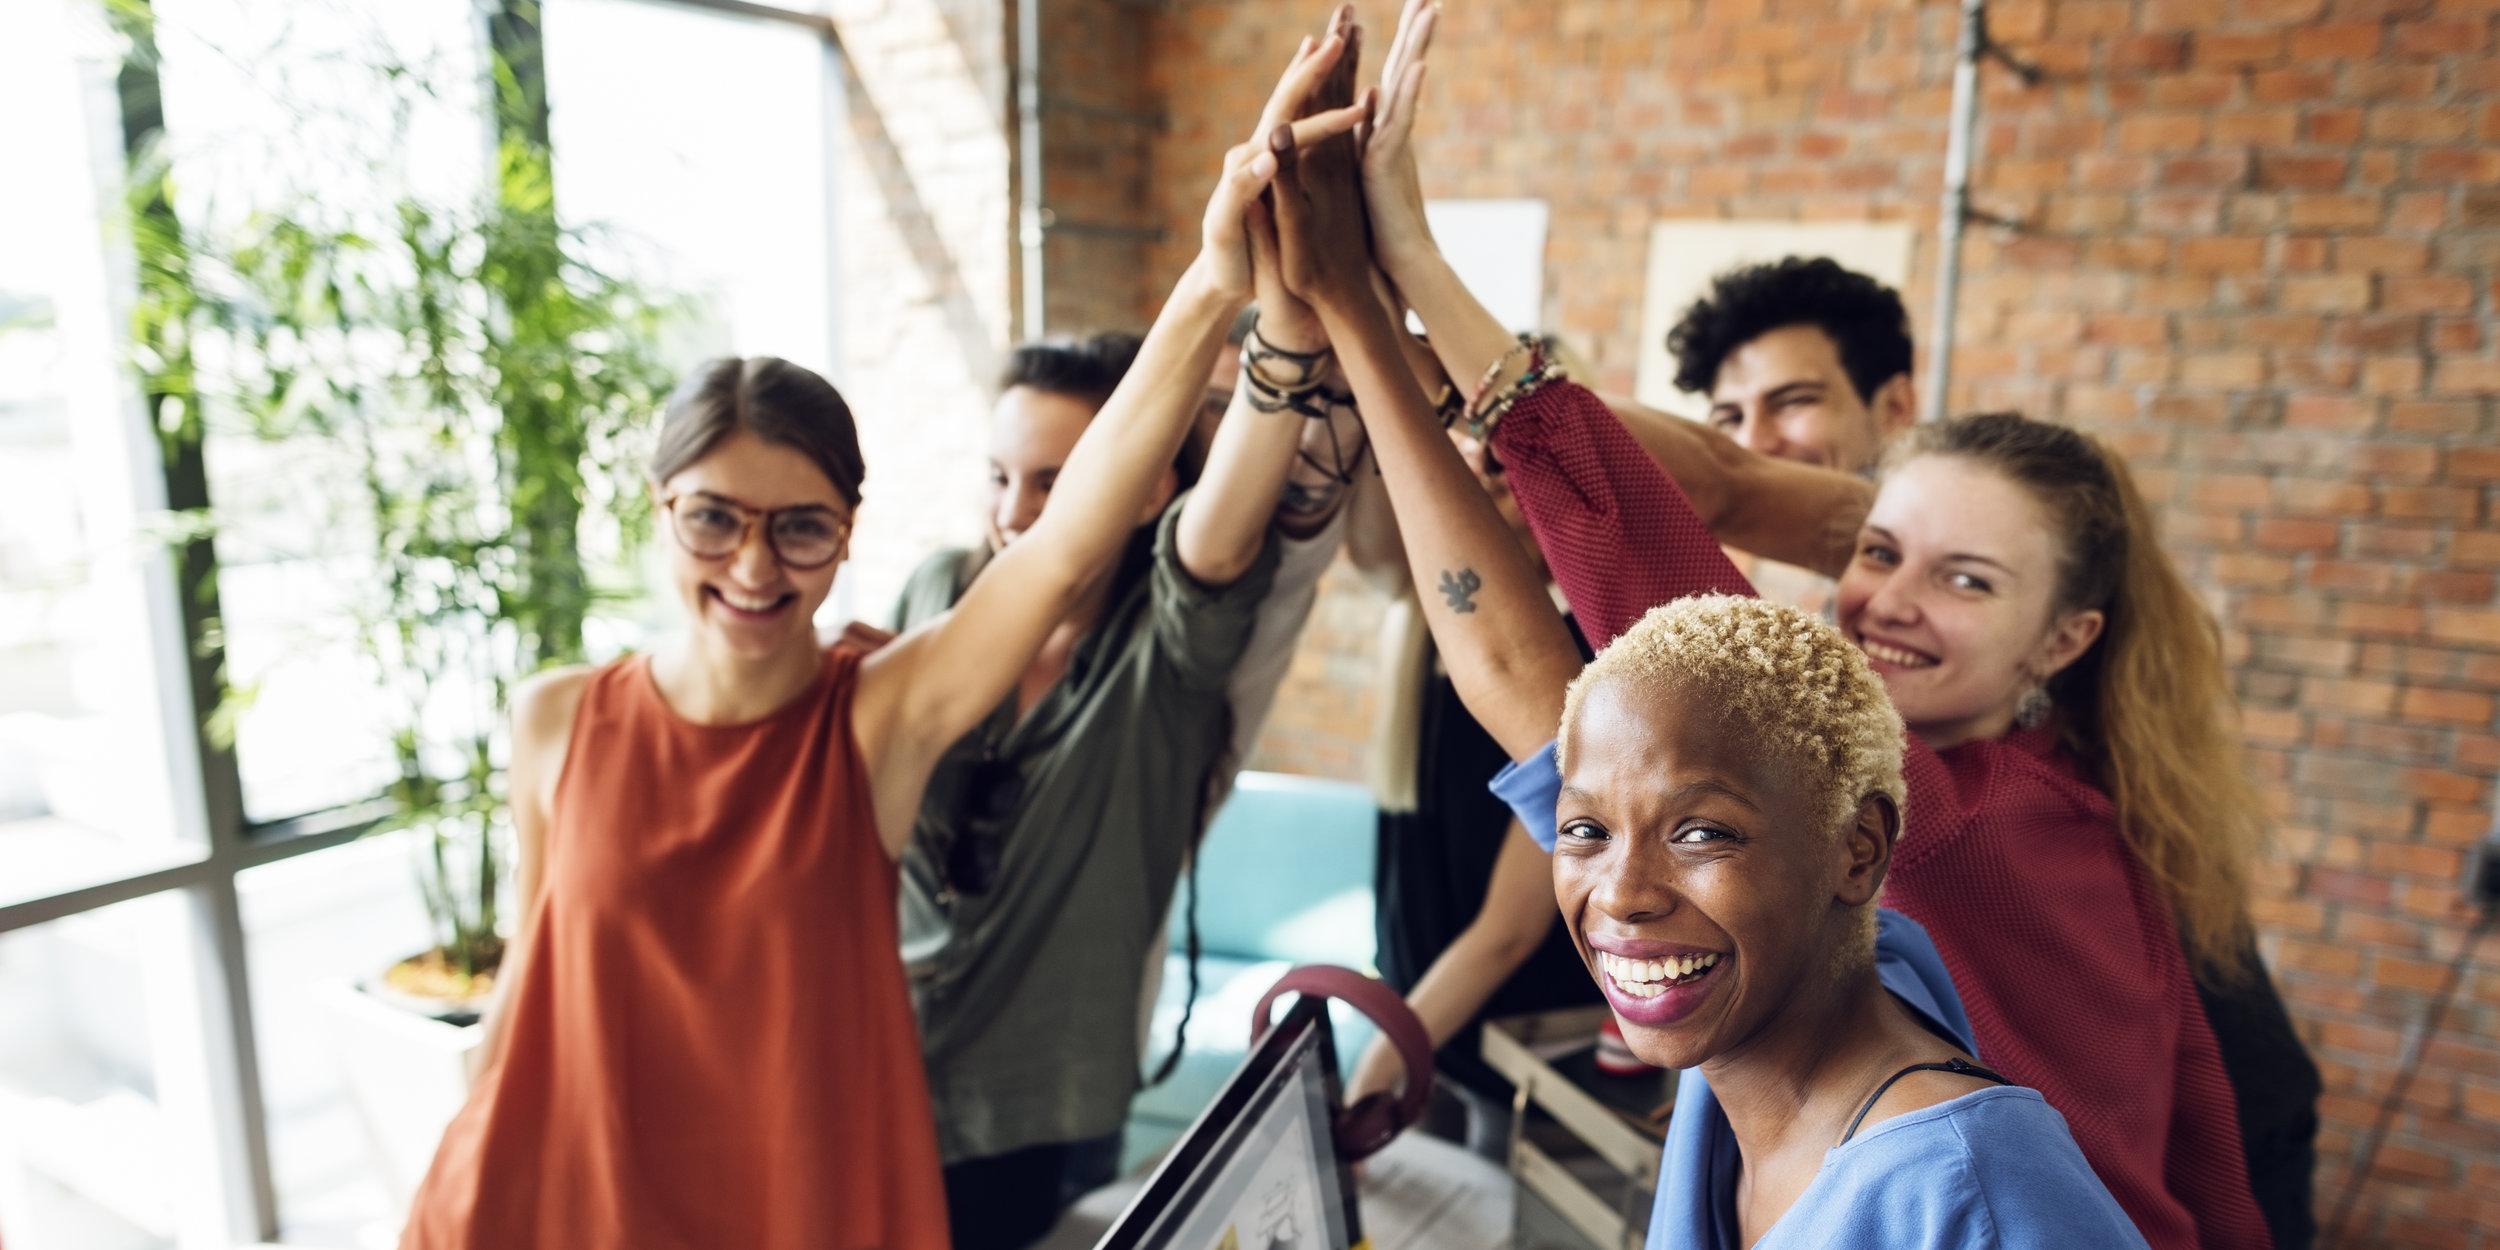 teamwork-power-successful-meeting-workplace-PMAPUPA.jpg